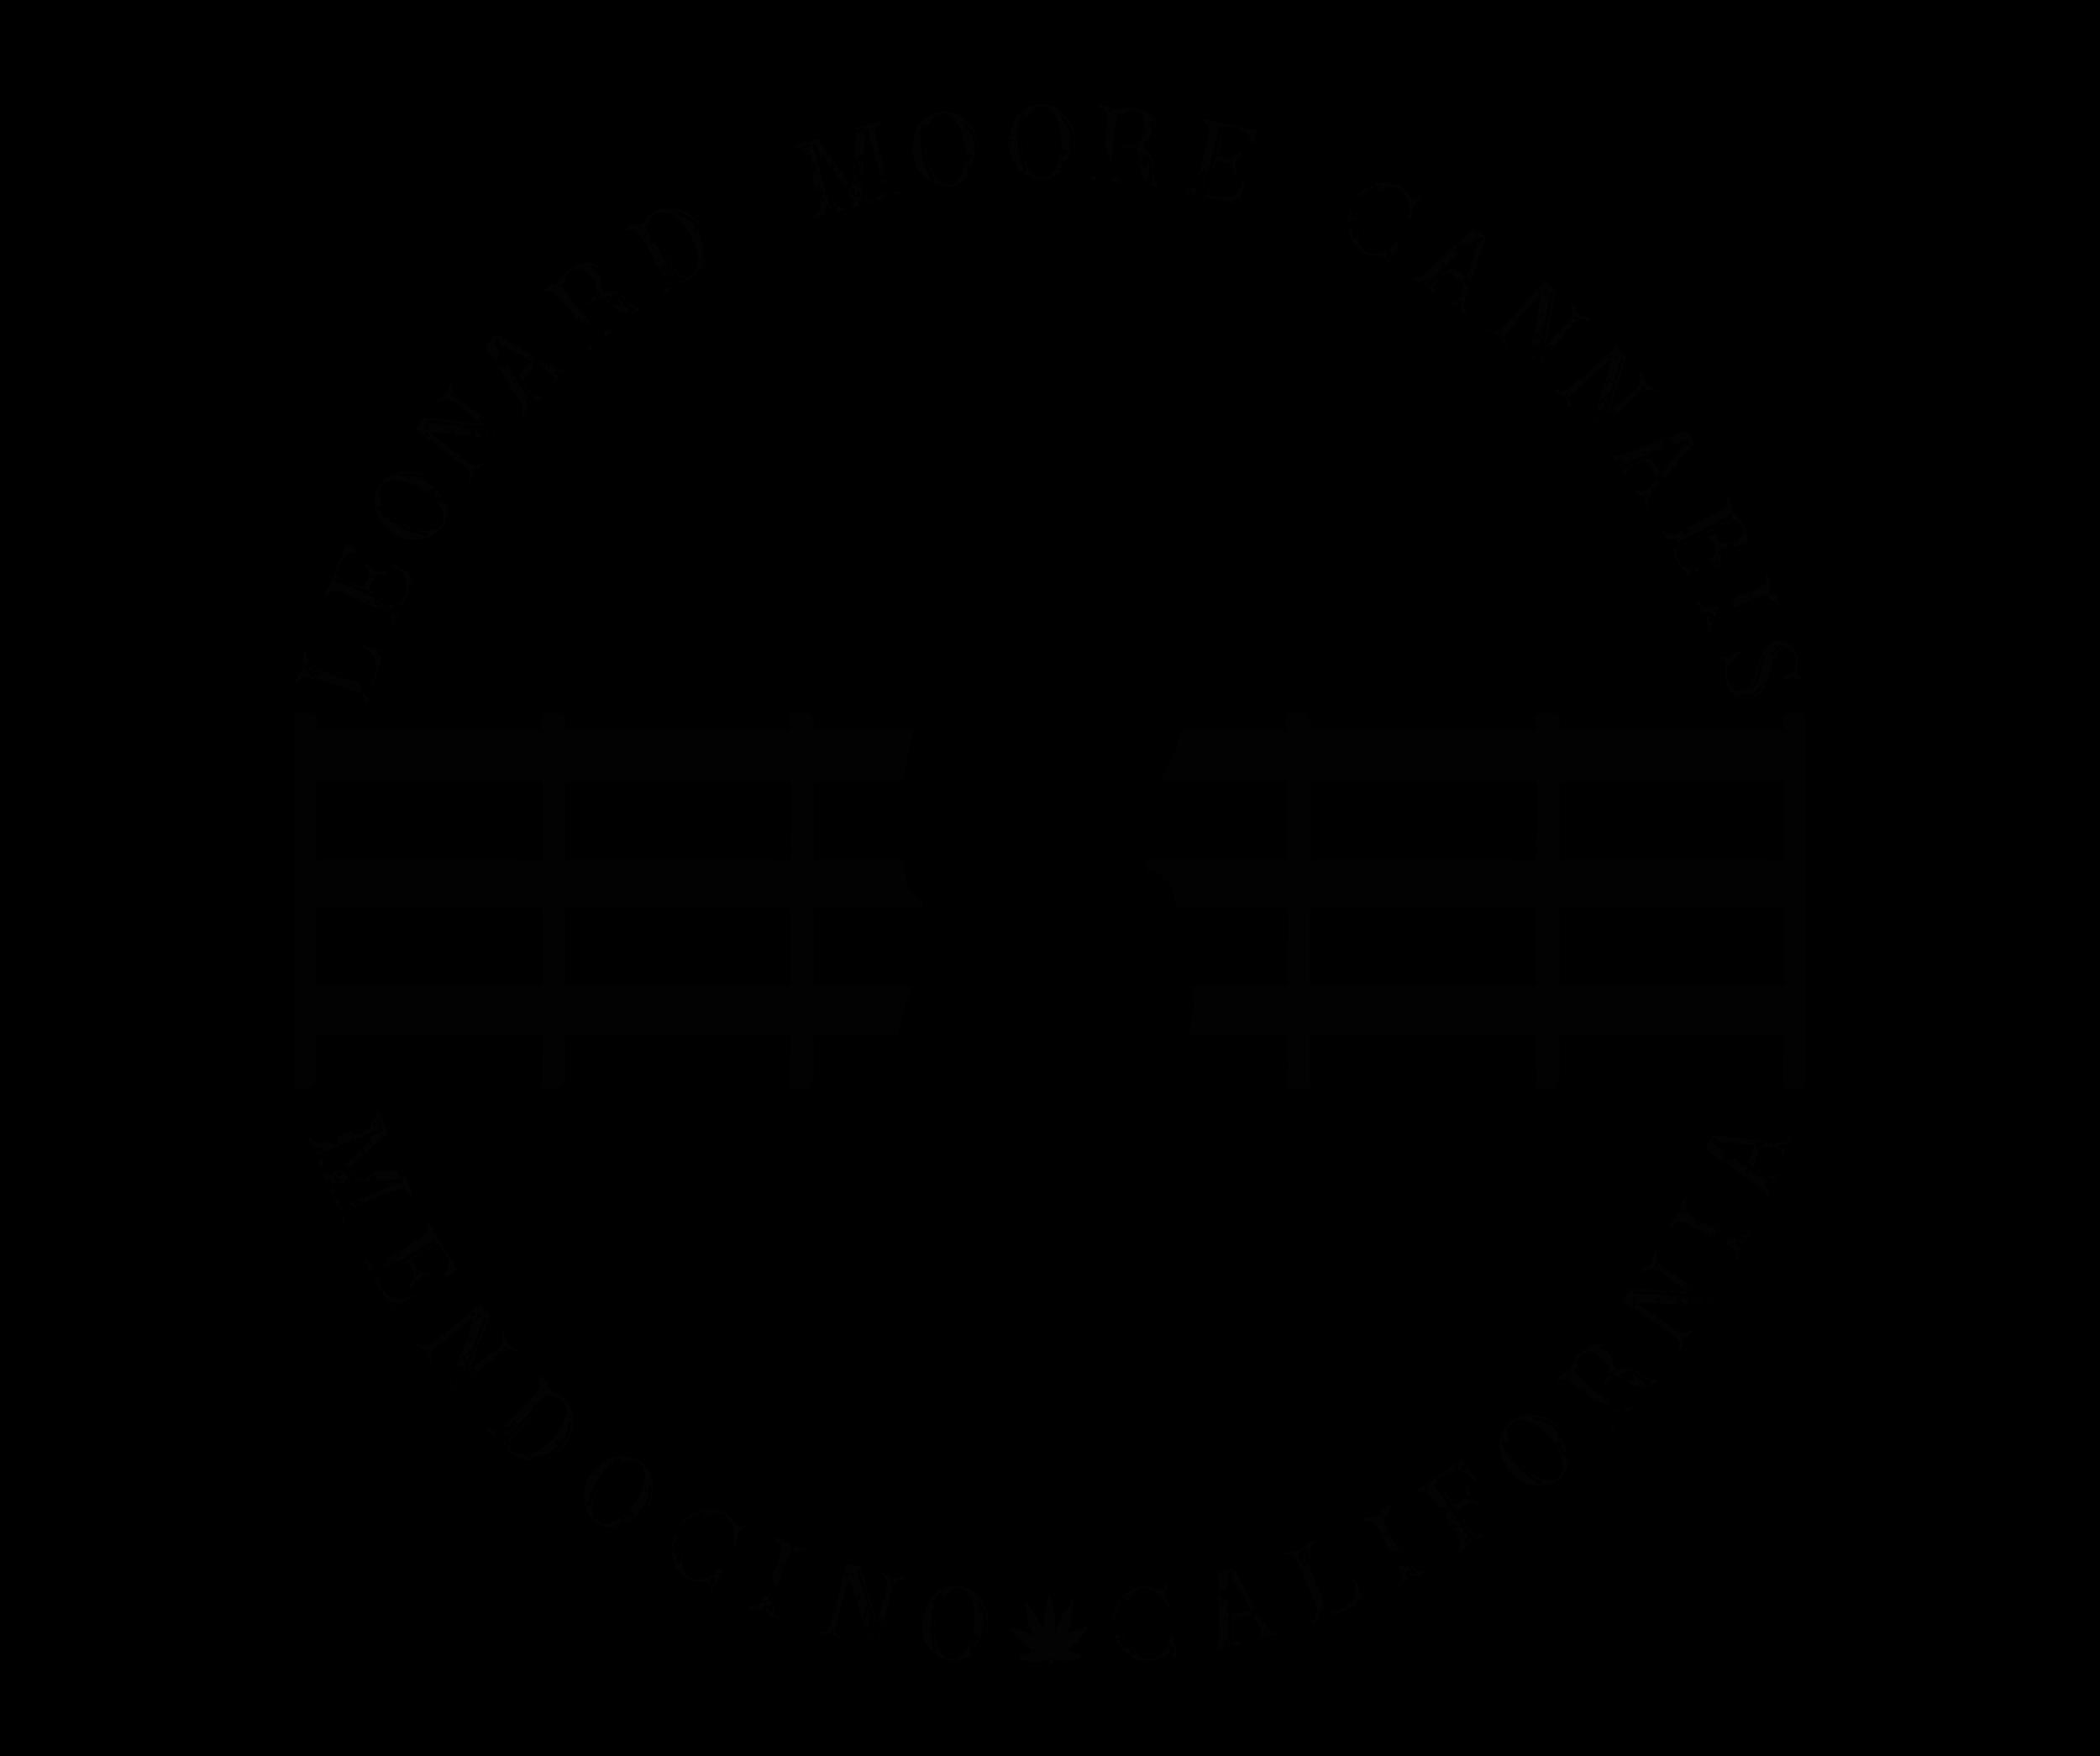 LMC_Logo_2019_A1_Black.png